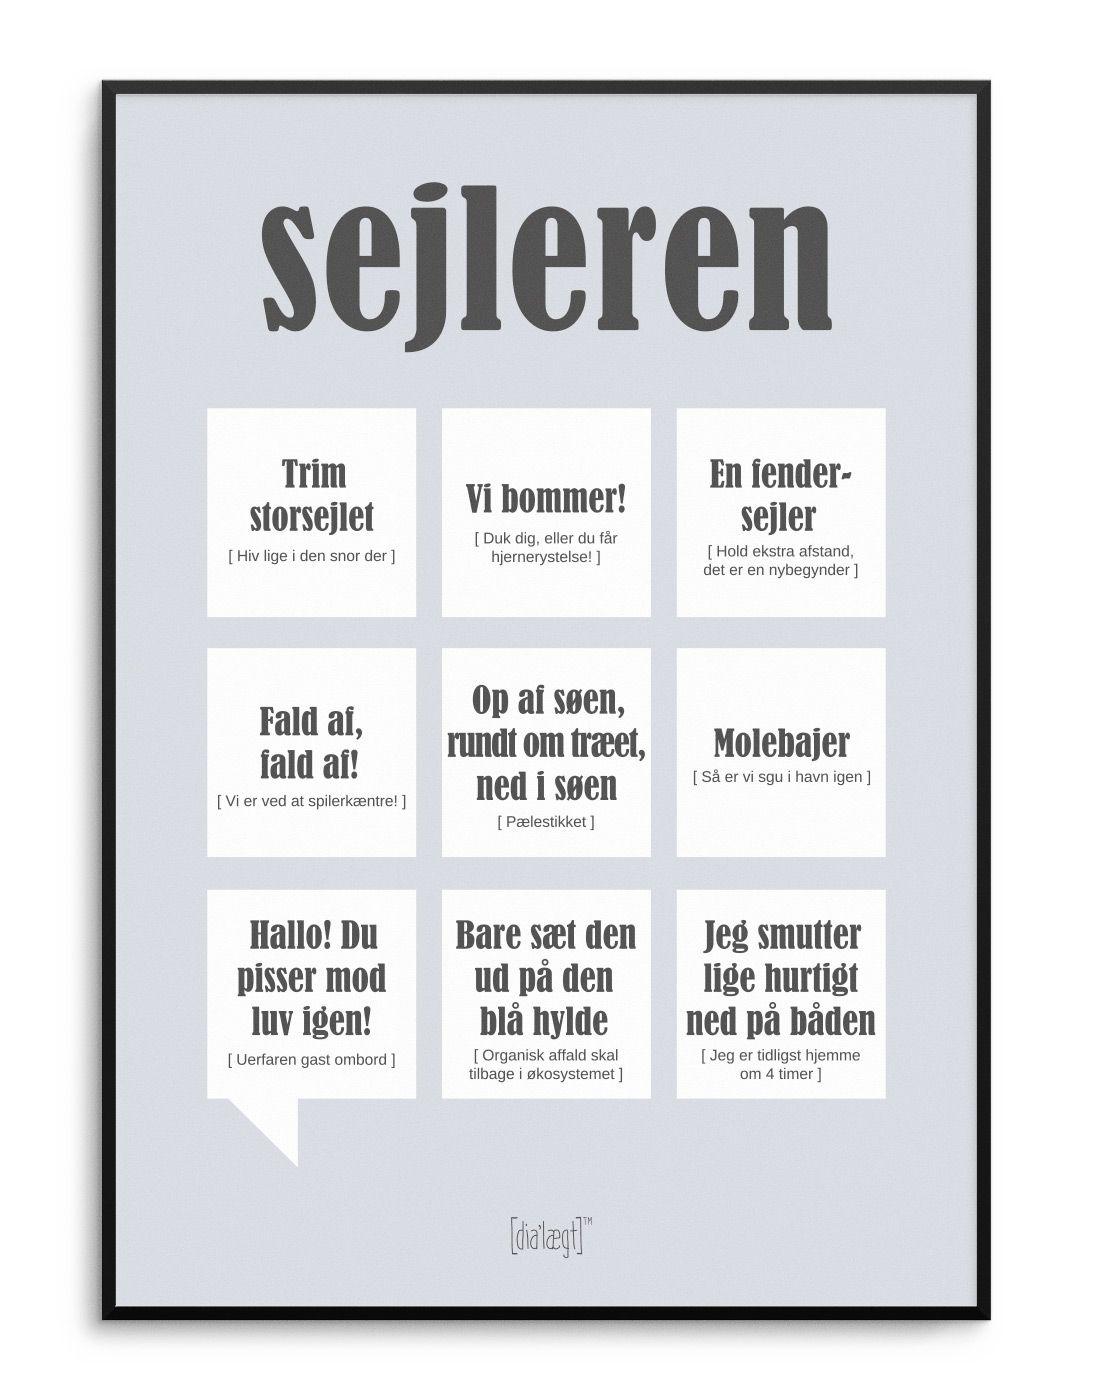 Sejleren Plakat Kob Online Sjove Citater Livets Sandheder Plakater